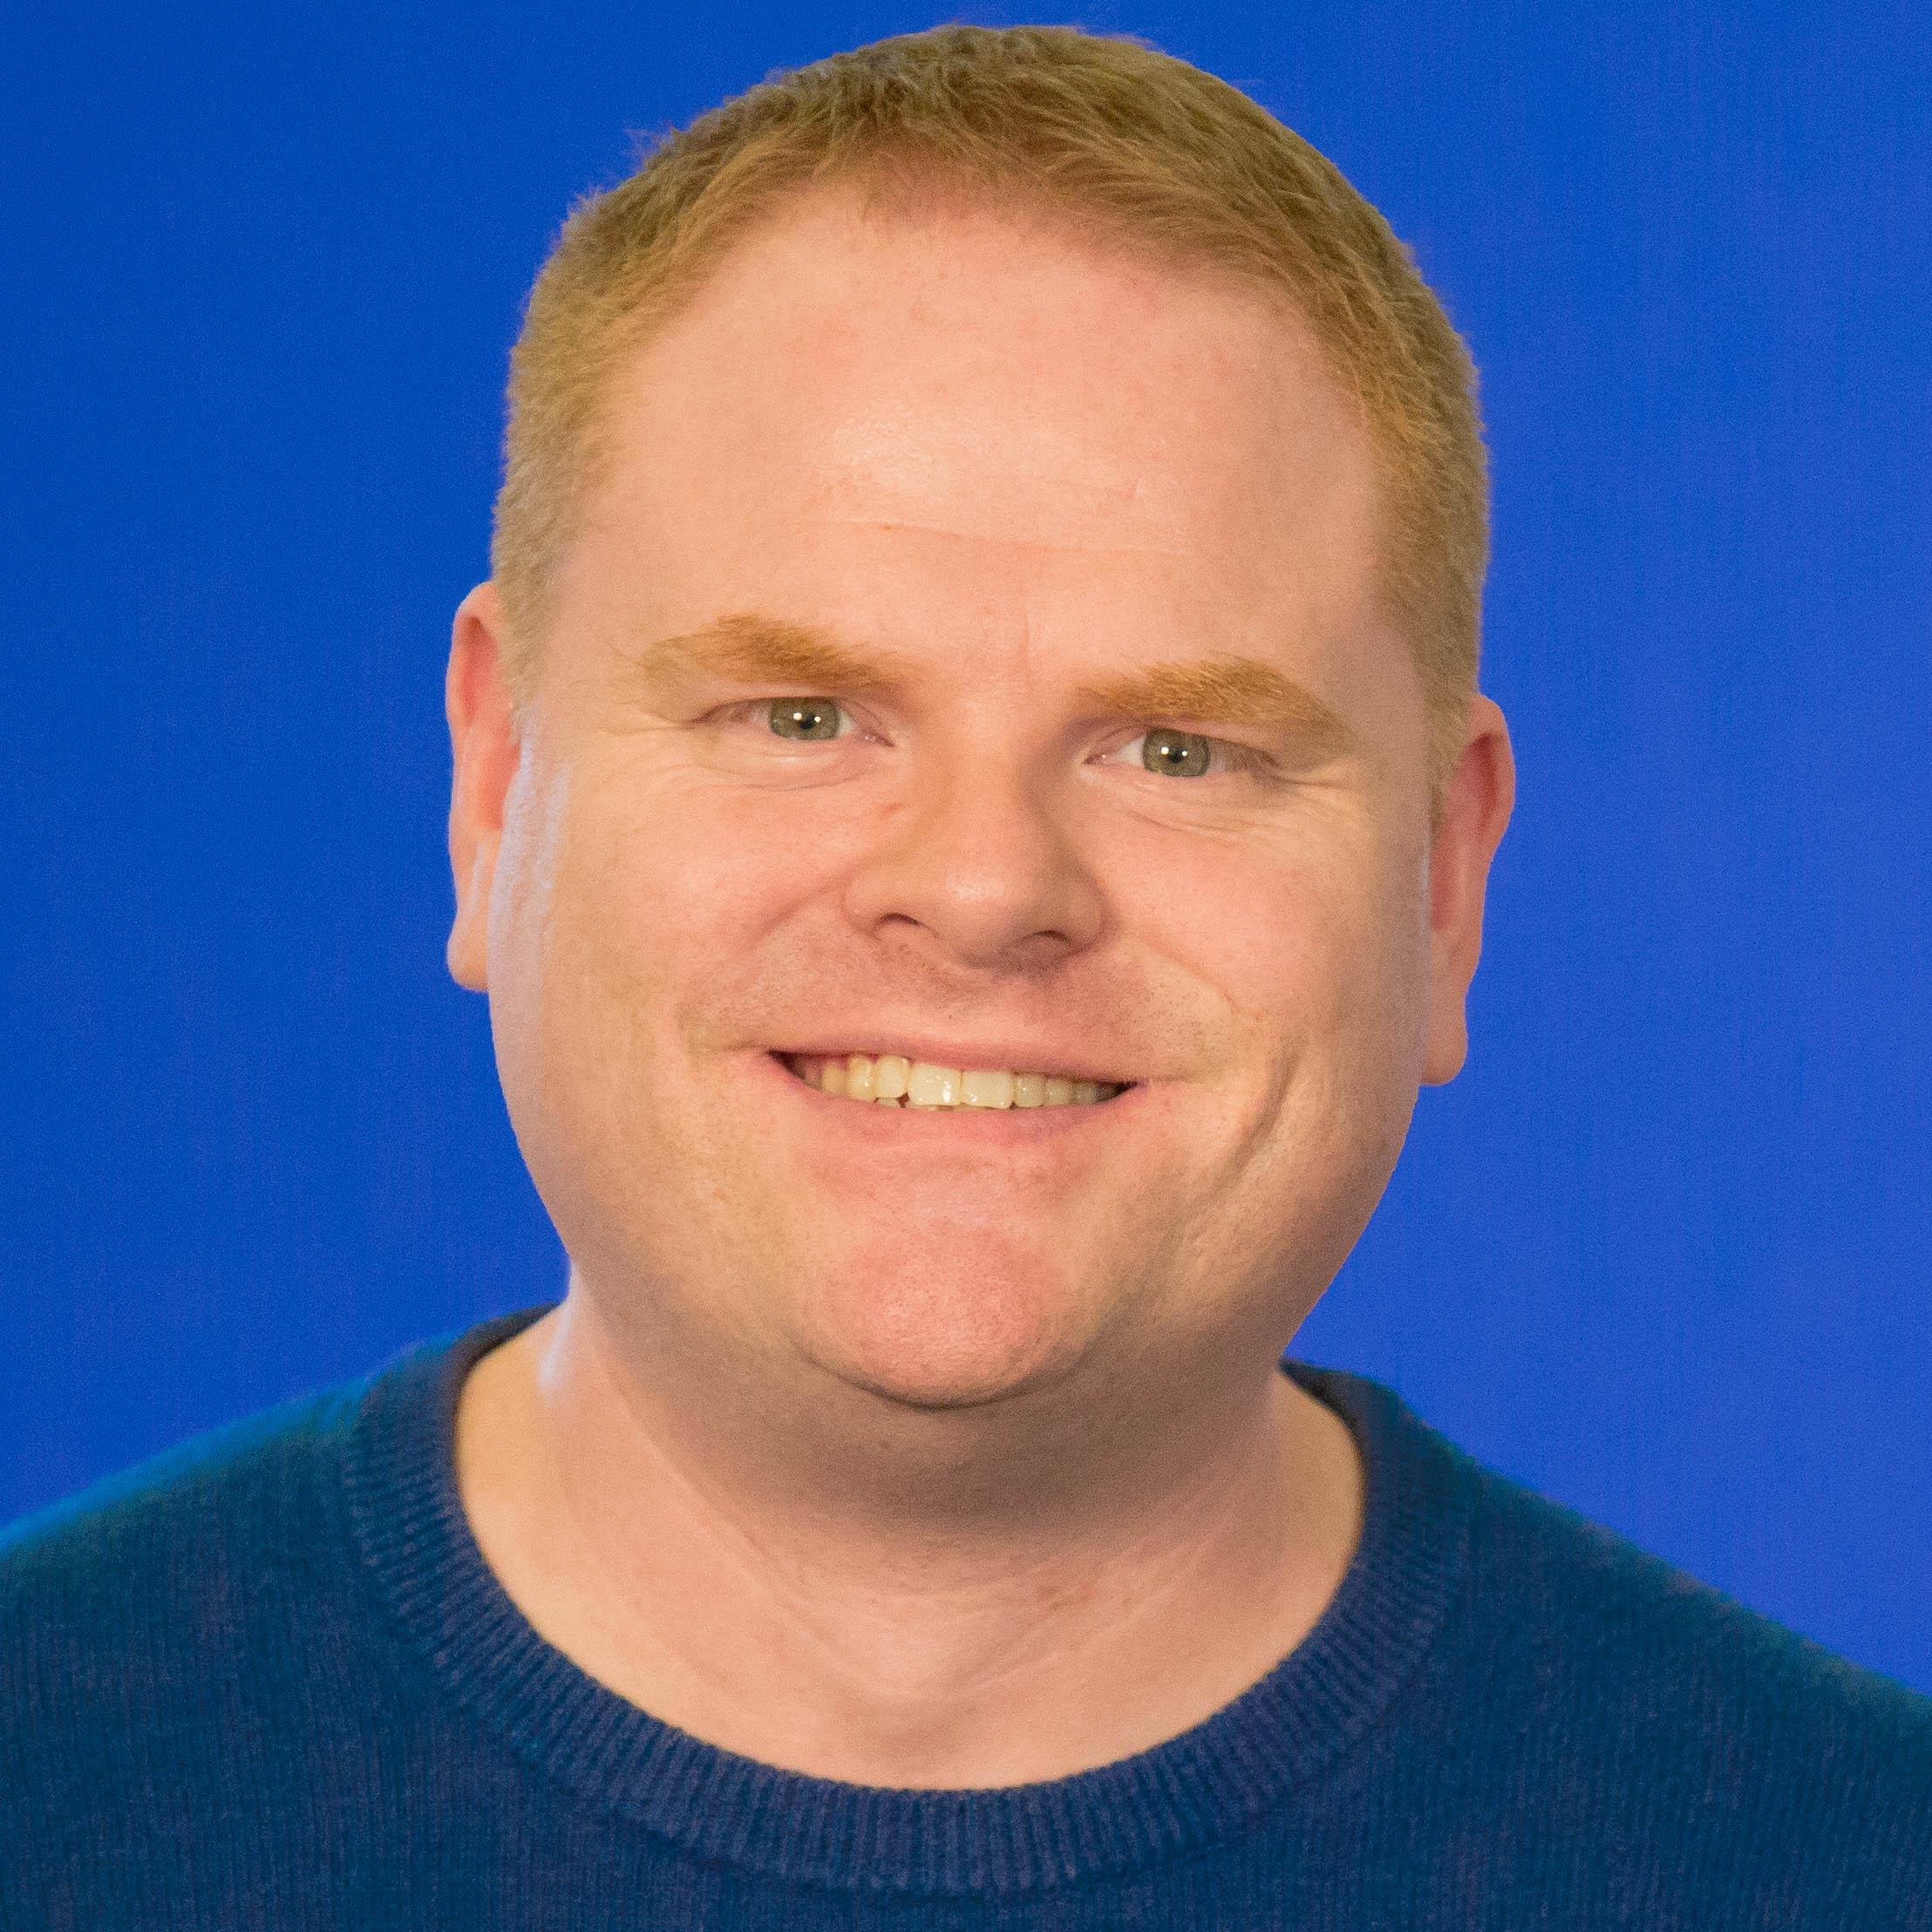 James Bisson